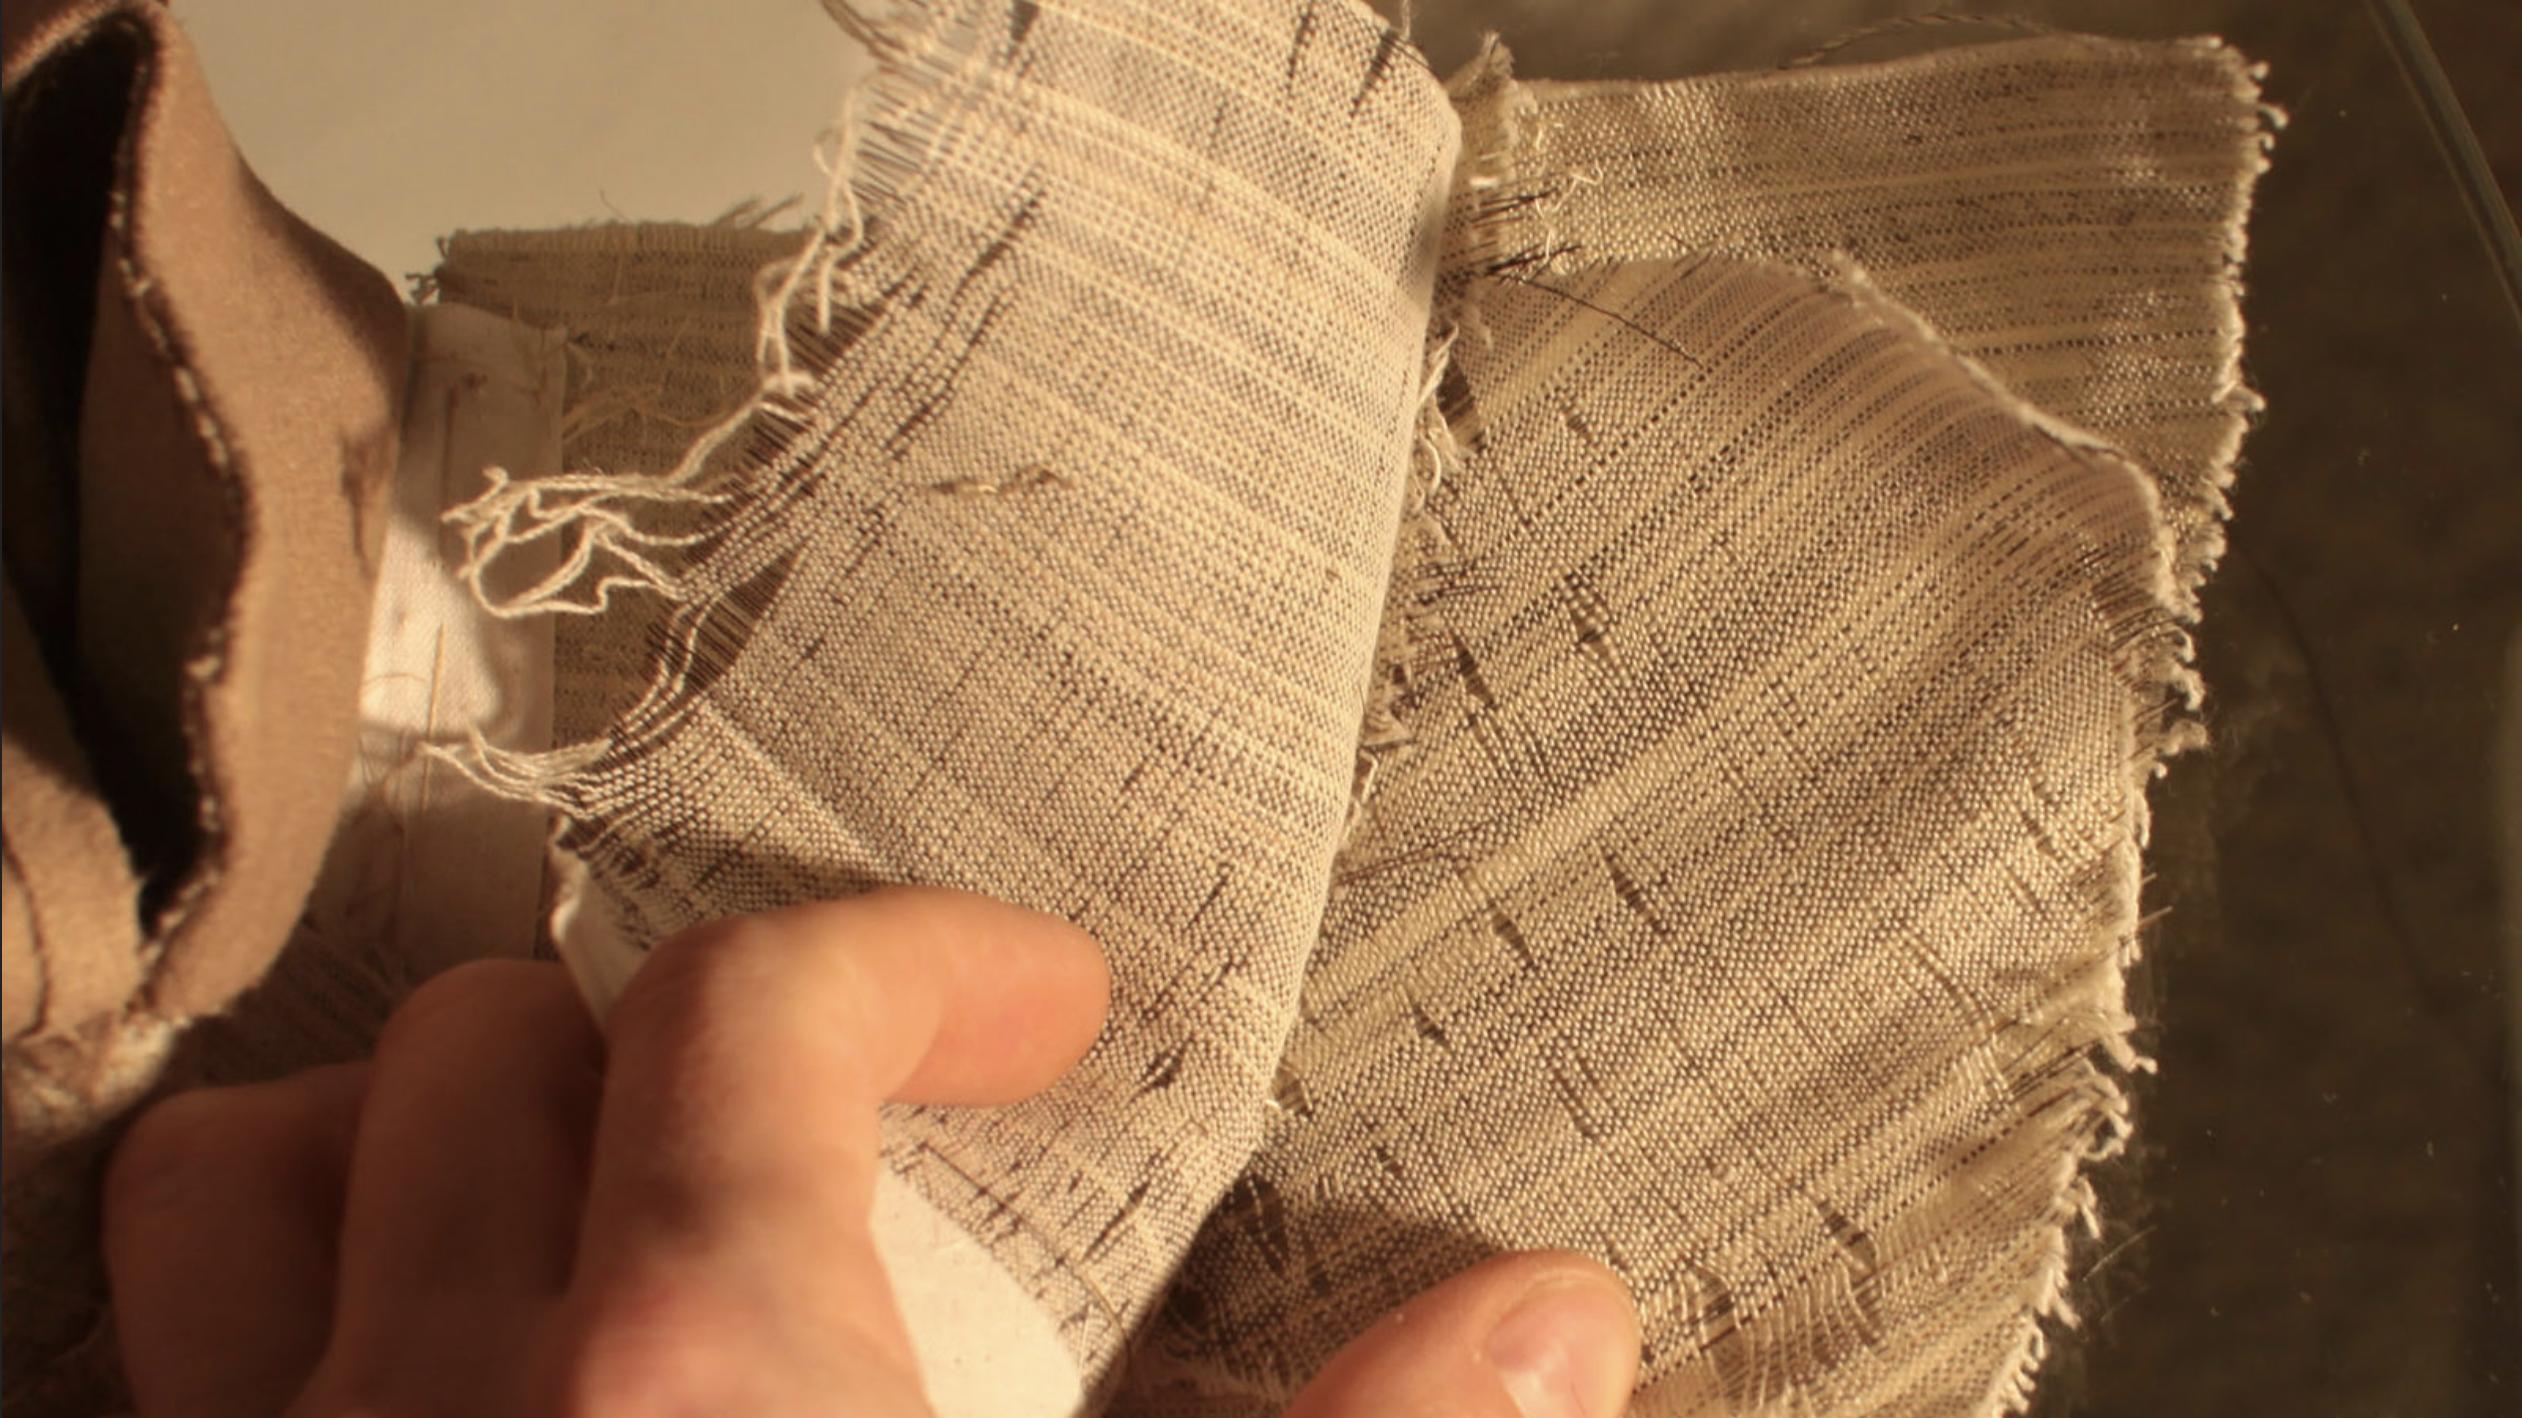 Voici un entoilage de qualité, composé de plusieurs couches de crin. Ici la veste est coupée, mais sur certaines vestes non doublées il est parfois possible de voir une partie de la toile d'entoilage en fouillant un peu. (source: j.diduch)